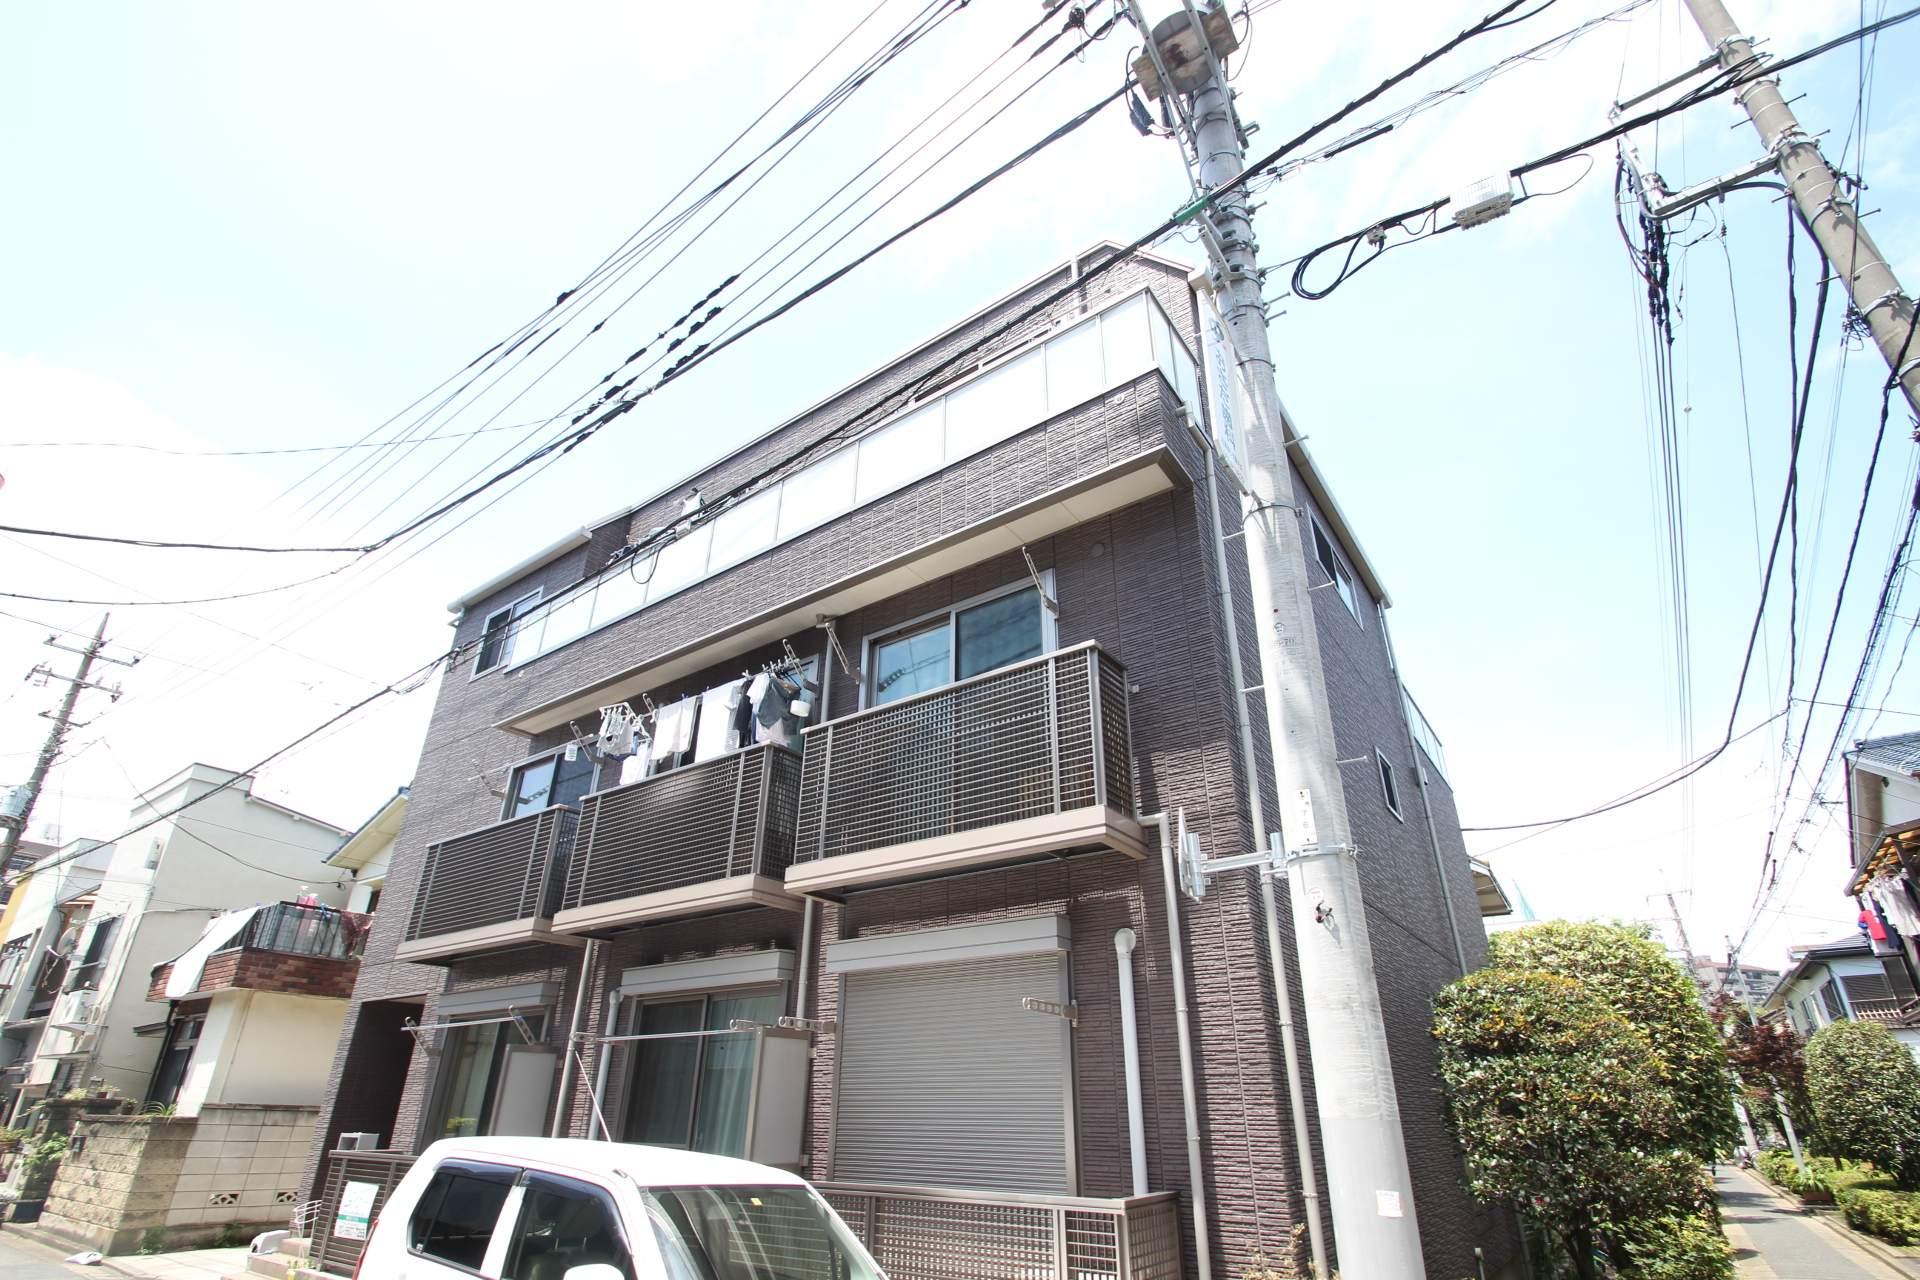 東京都江戸川区、平井駅徒歩31分の築4年 3階建の賃貸マンション